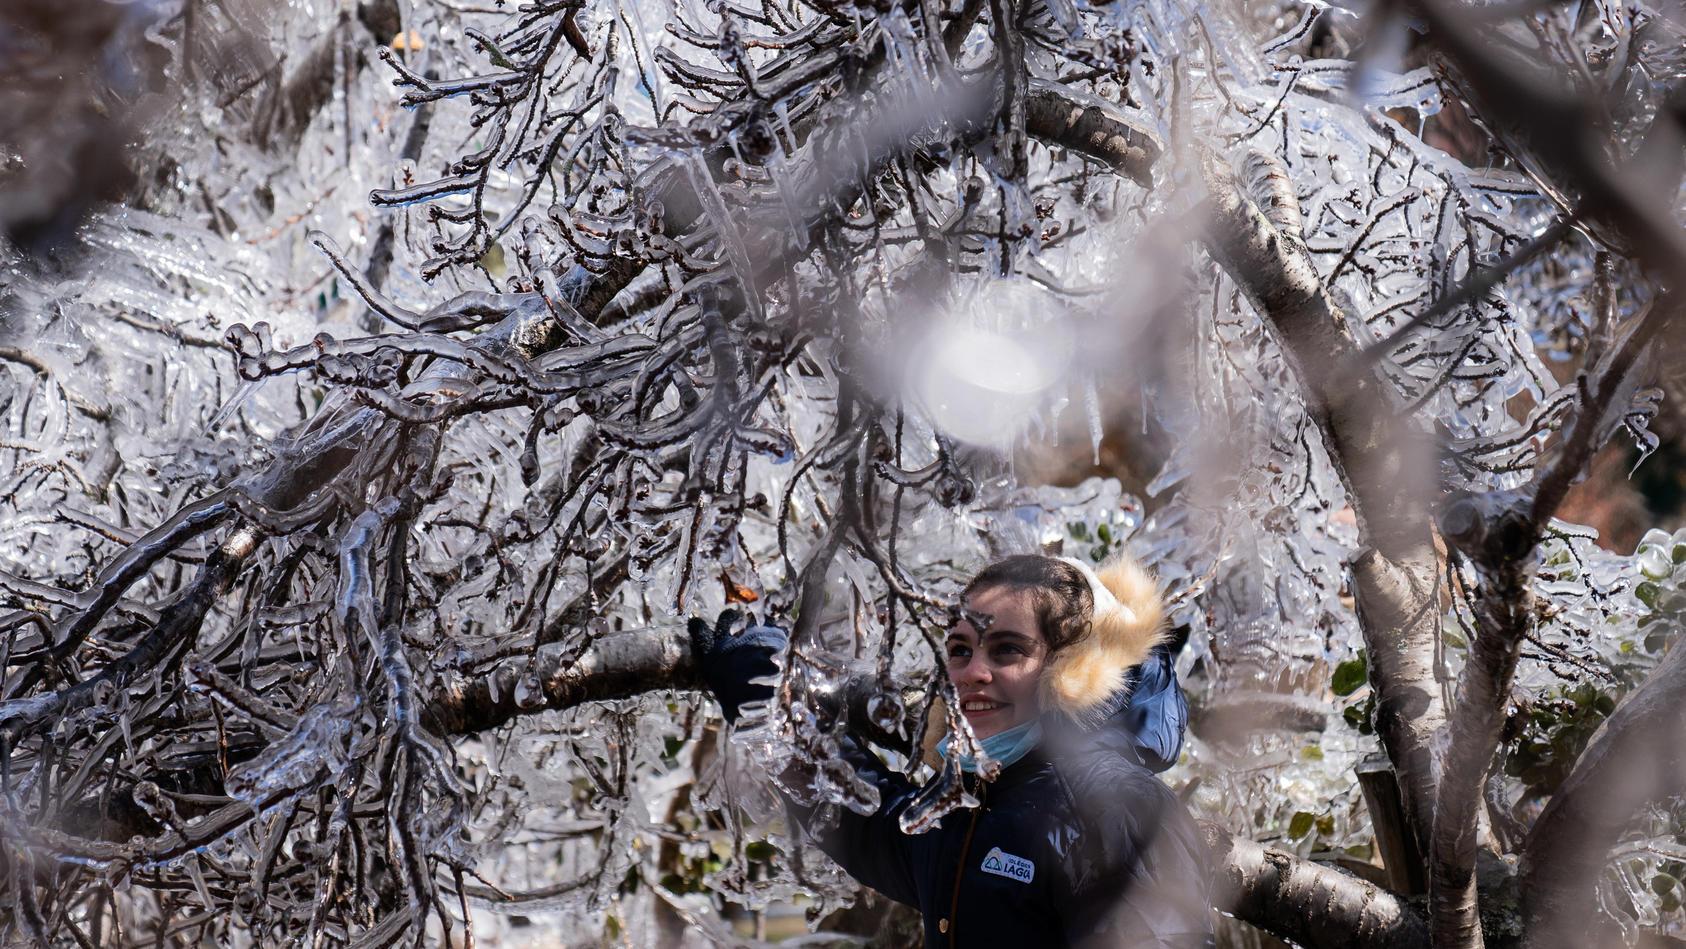 Menschen gingen bei den bisher niedrigsten Temperaturen des Jahres auf die Straße, um die Schneeflocken zu bewundern.